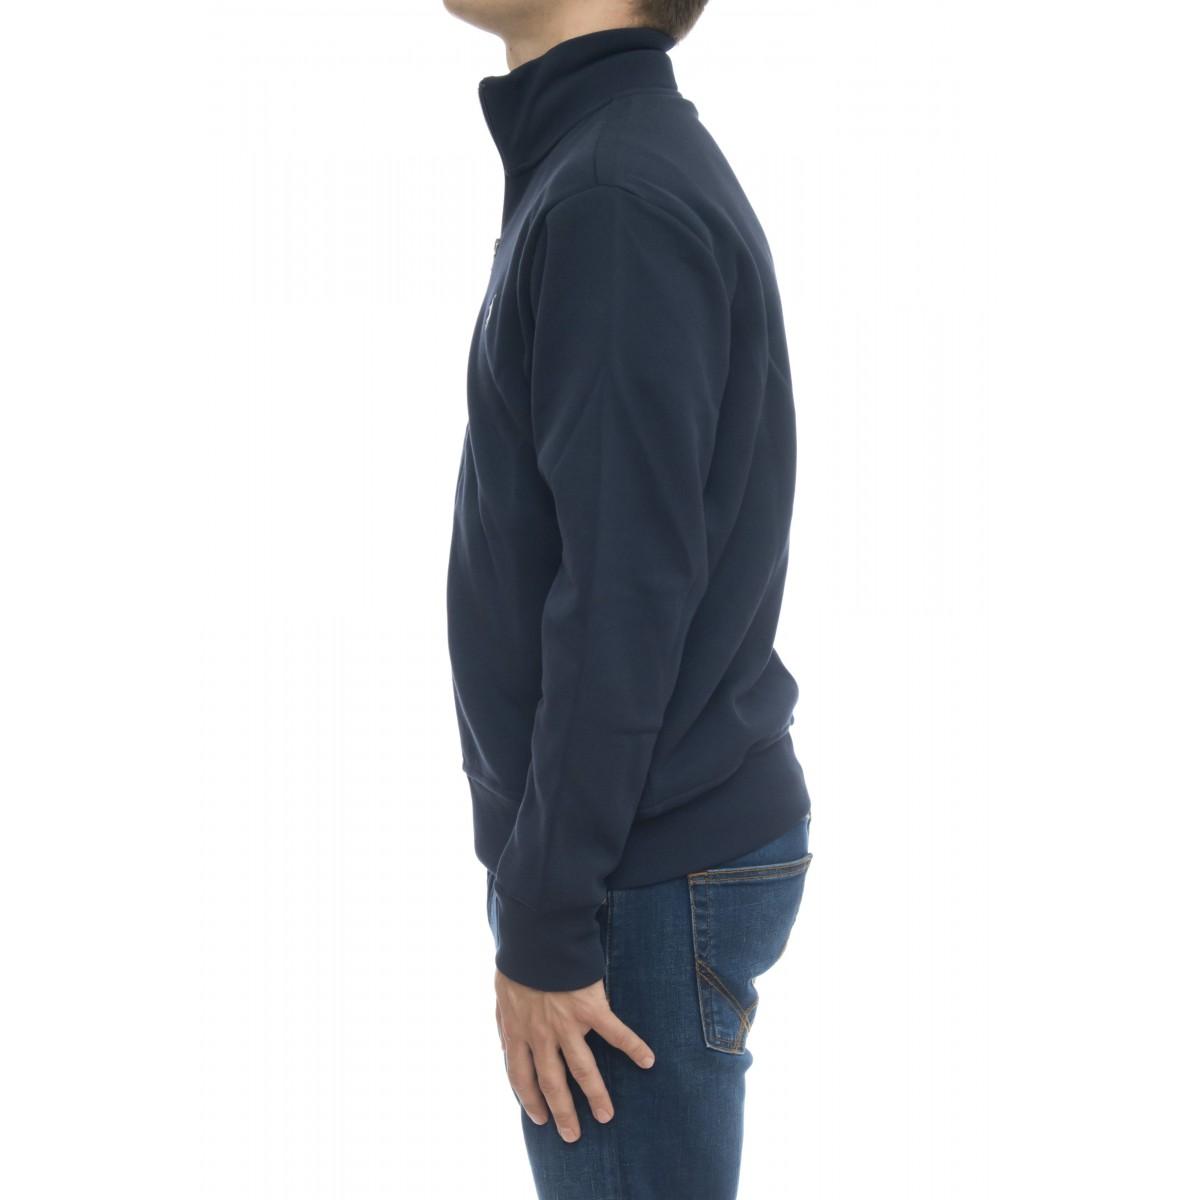 Felpa uomo - 766861 felpa tecnica con zip